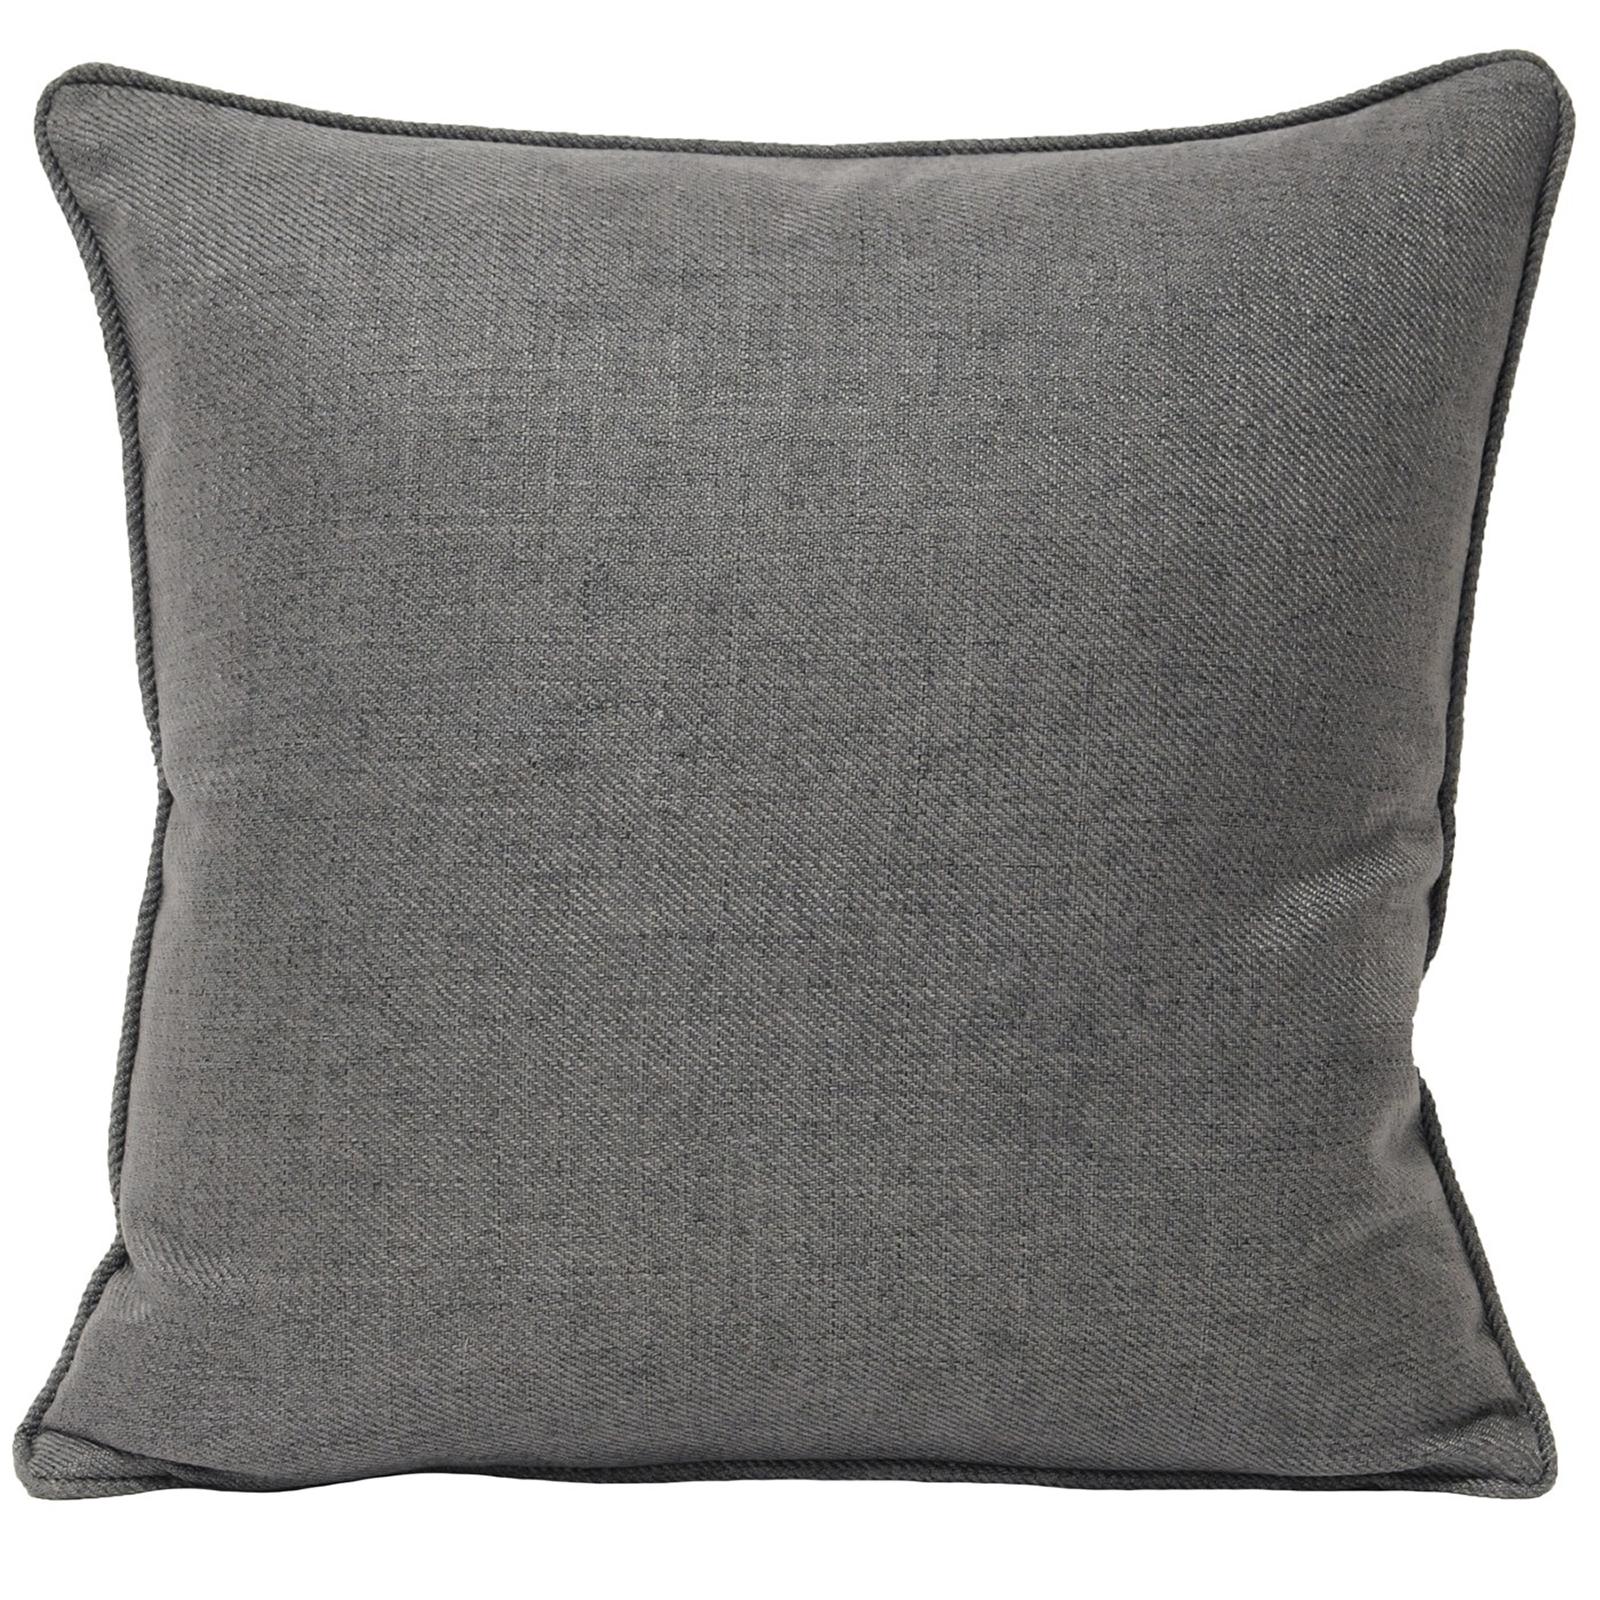 simple contemporain textur housse de coussin pour chambre coucher ebay. Black Bedroom Furniture Sets. Home Design Ideas